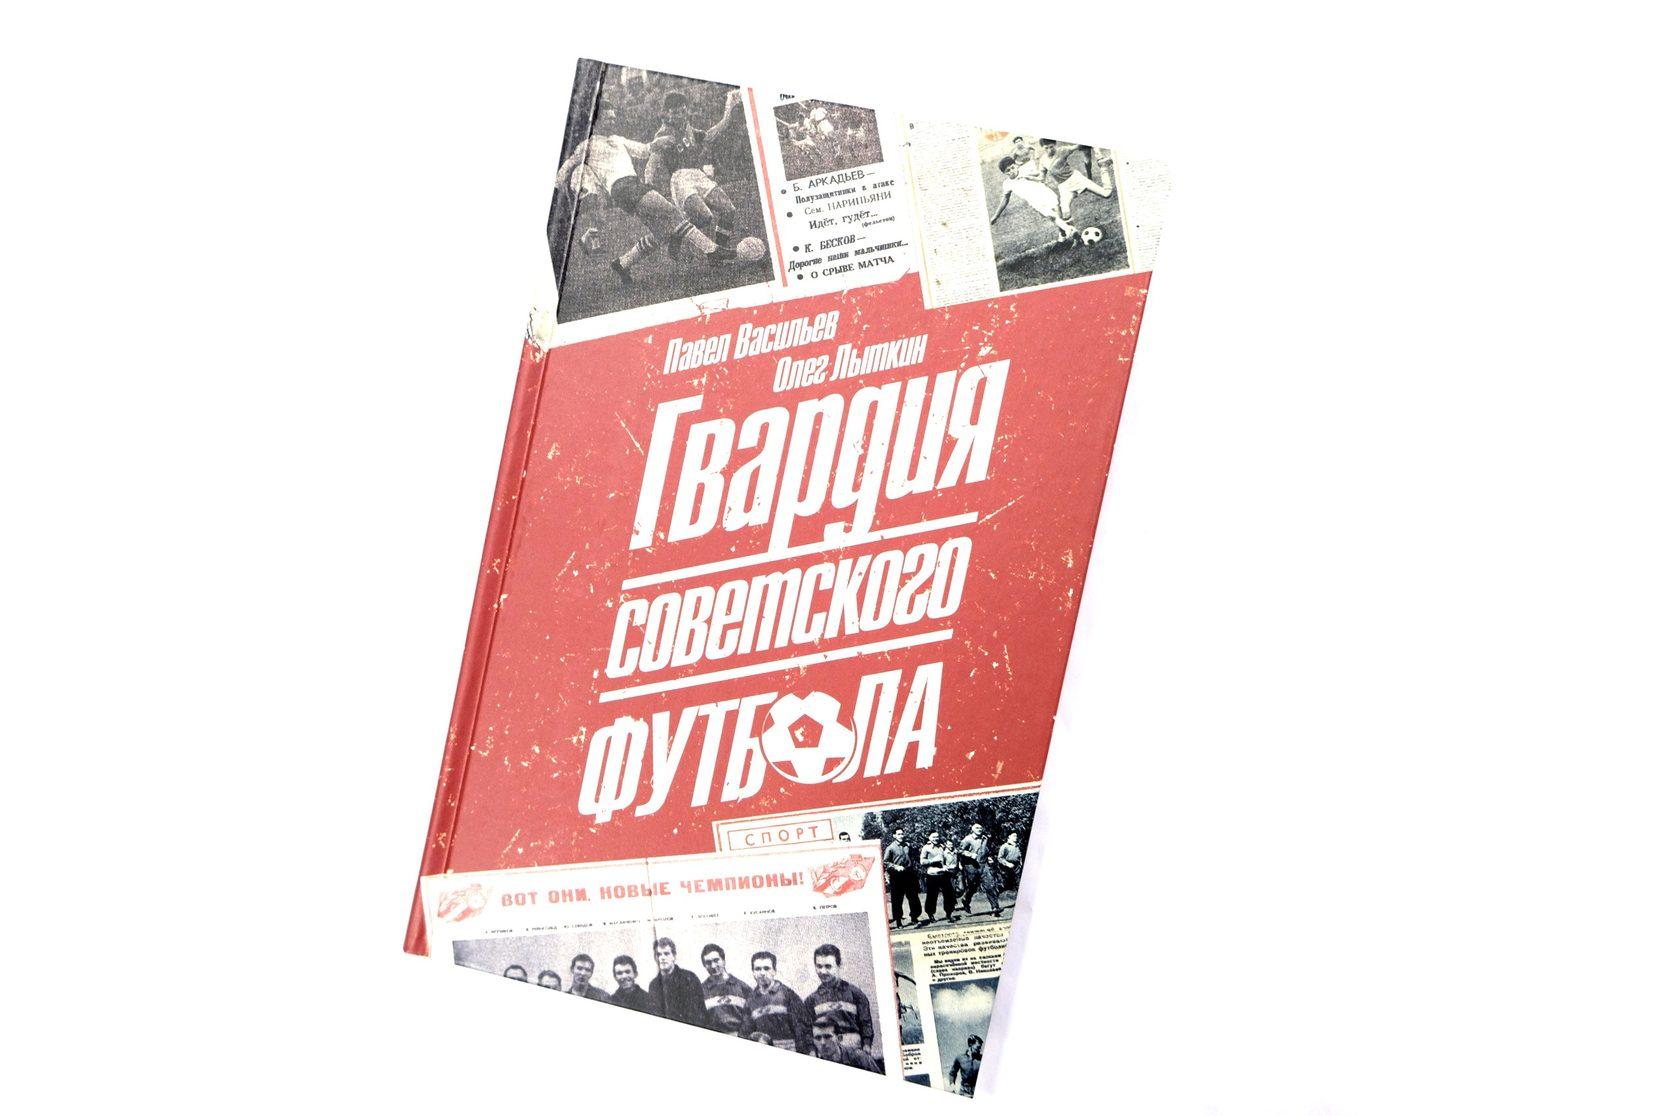 «Гвардия советского футбола» Павел Васильев, Олег Лыткин